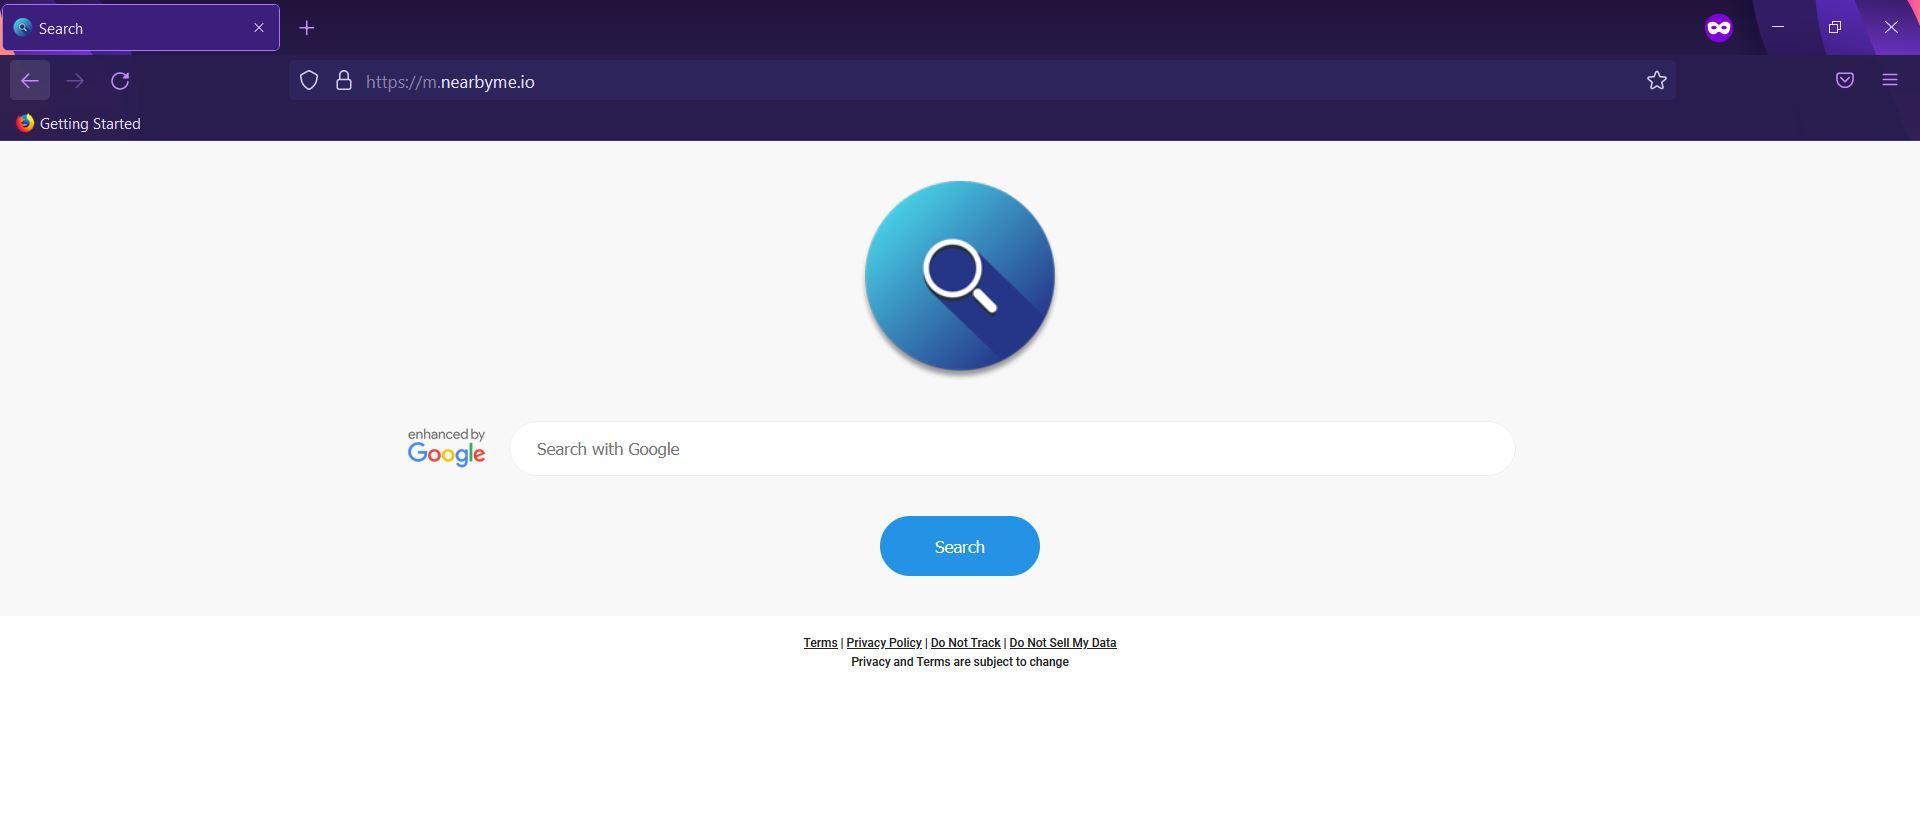 supprimer m.nearbyme.io virus sensortechforum guide de suppression du pirate de navigateur